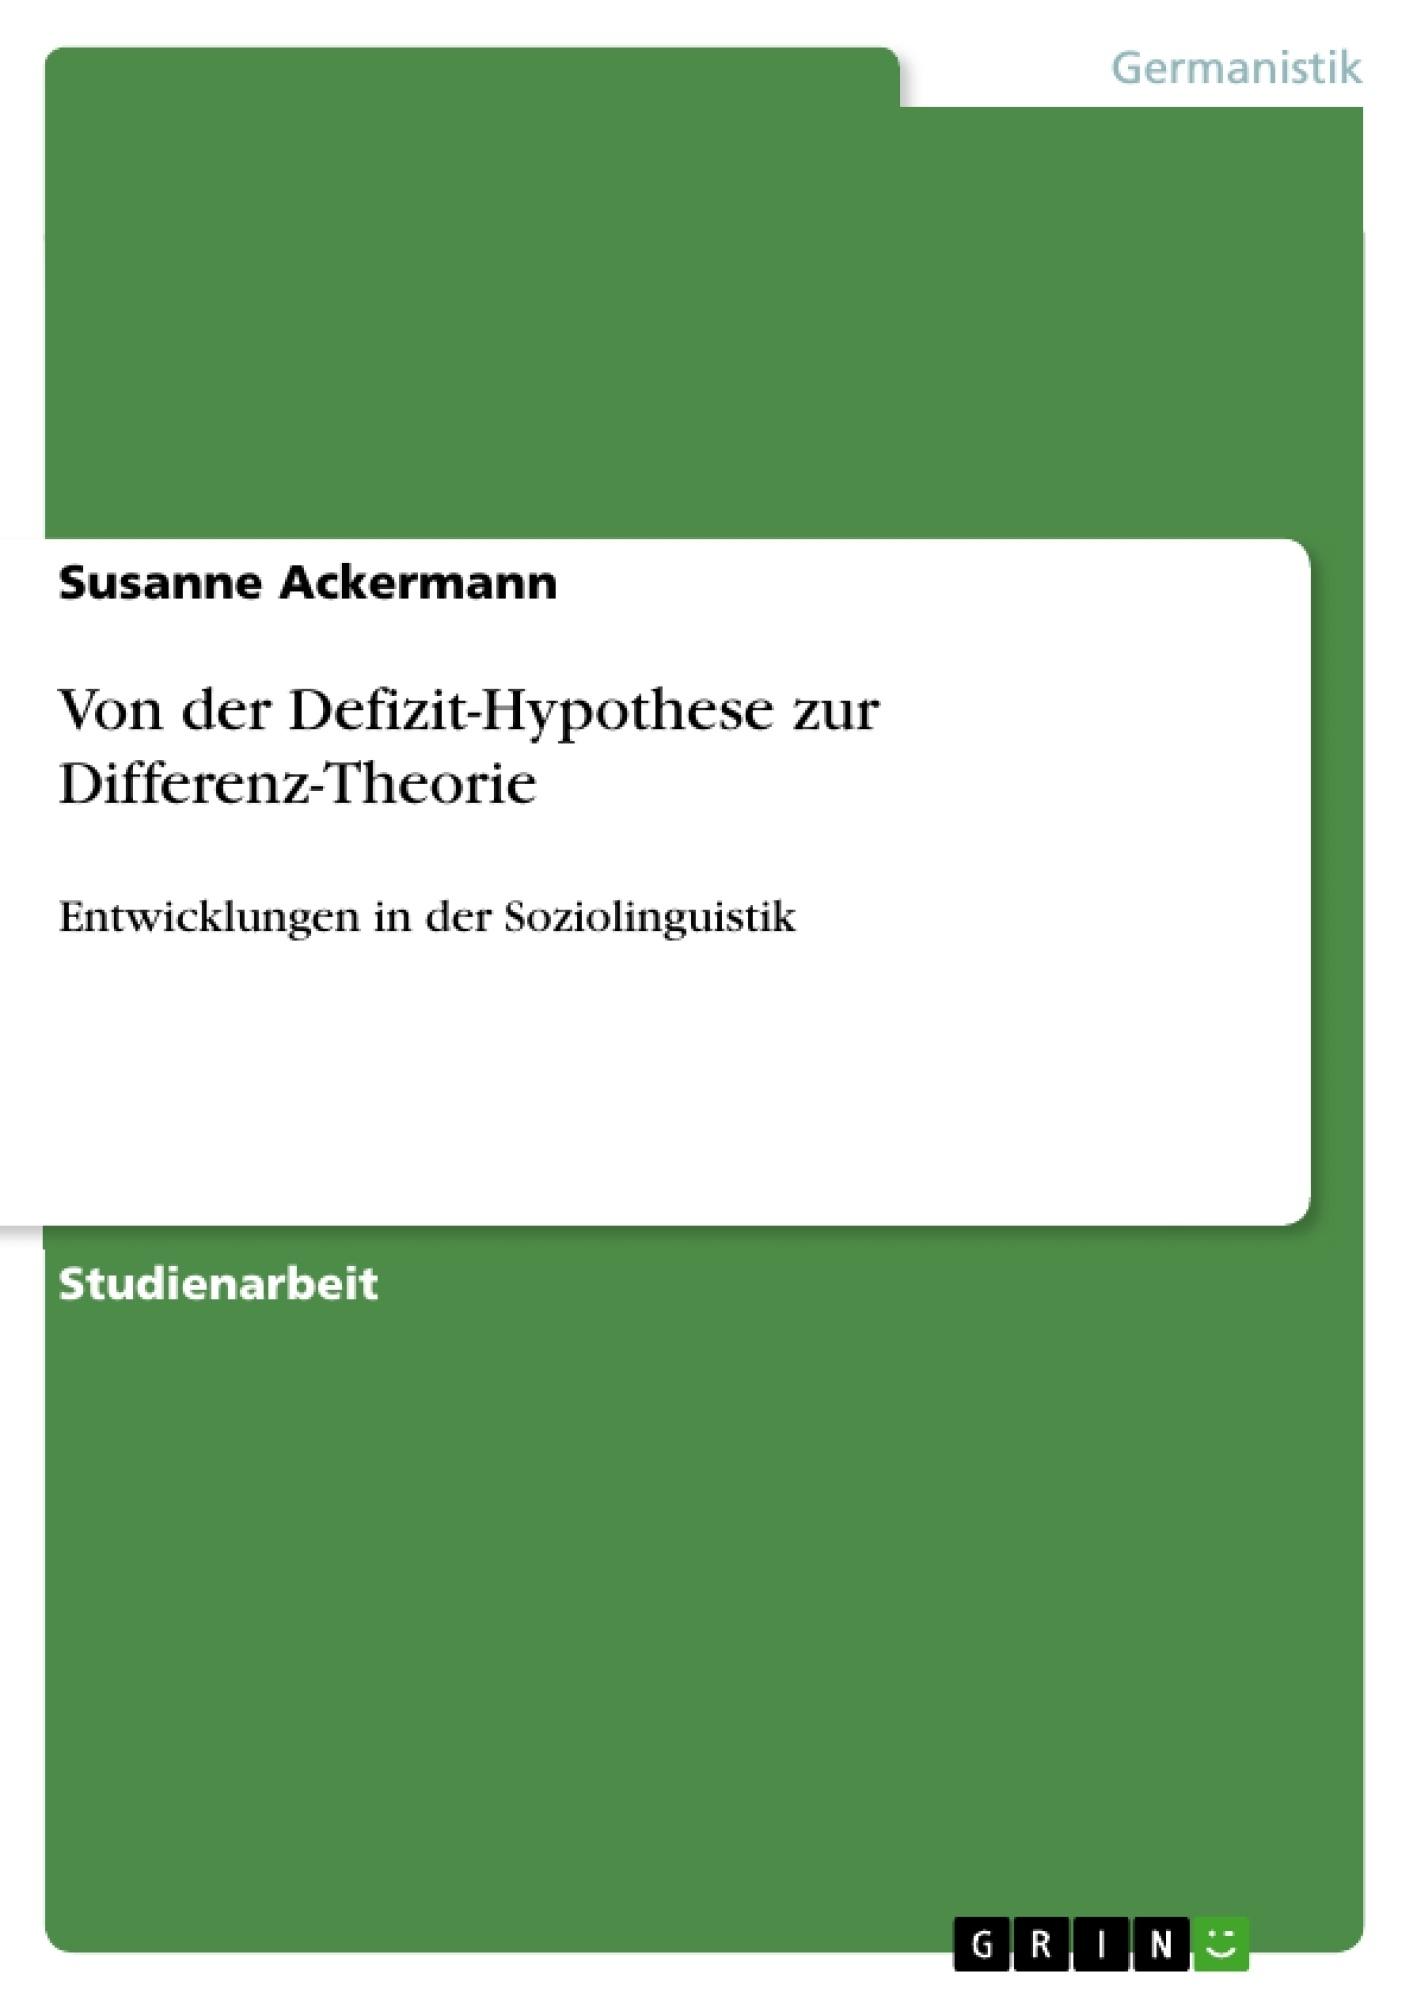 Titel: Von der Defizit-Hypothese zur Differenz-Theorie